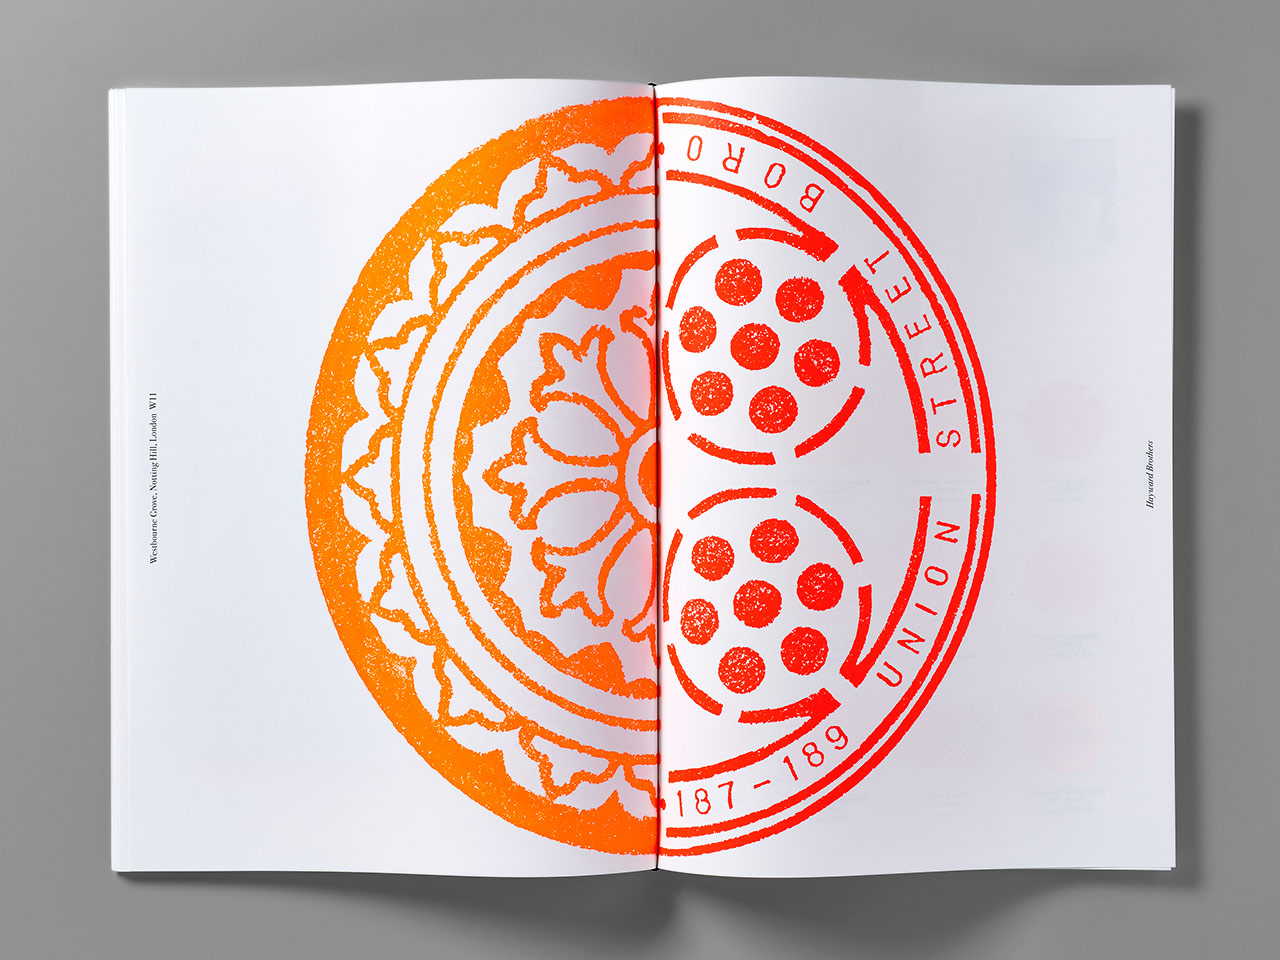 Pentagram_Overlooked-PP-book_23